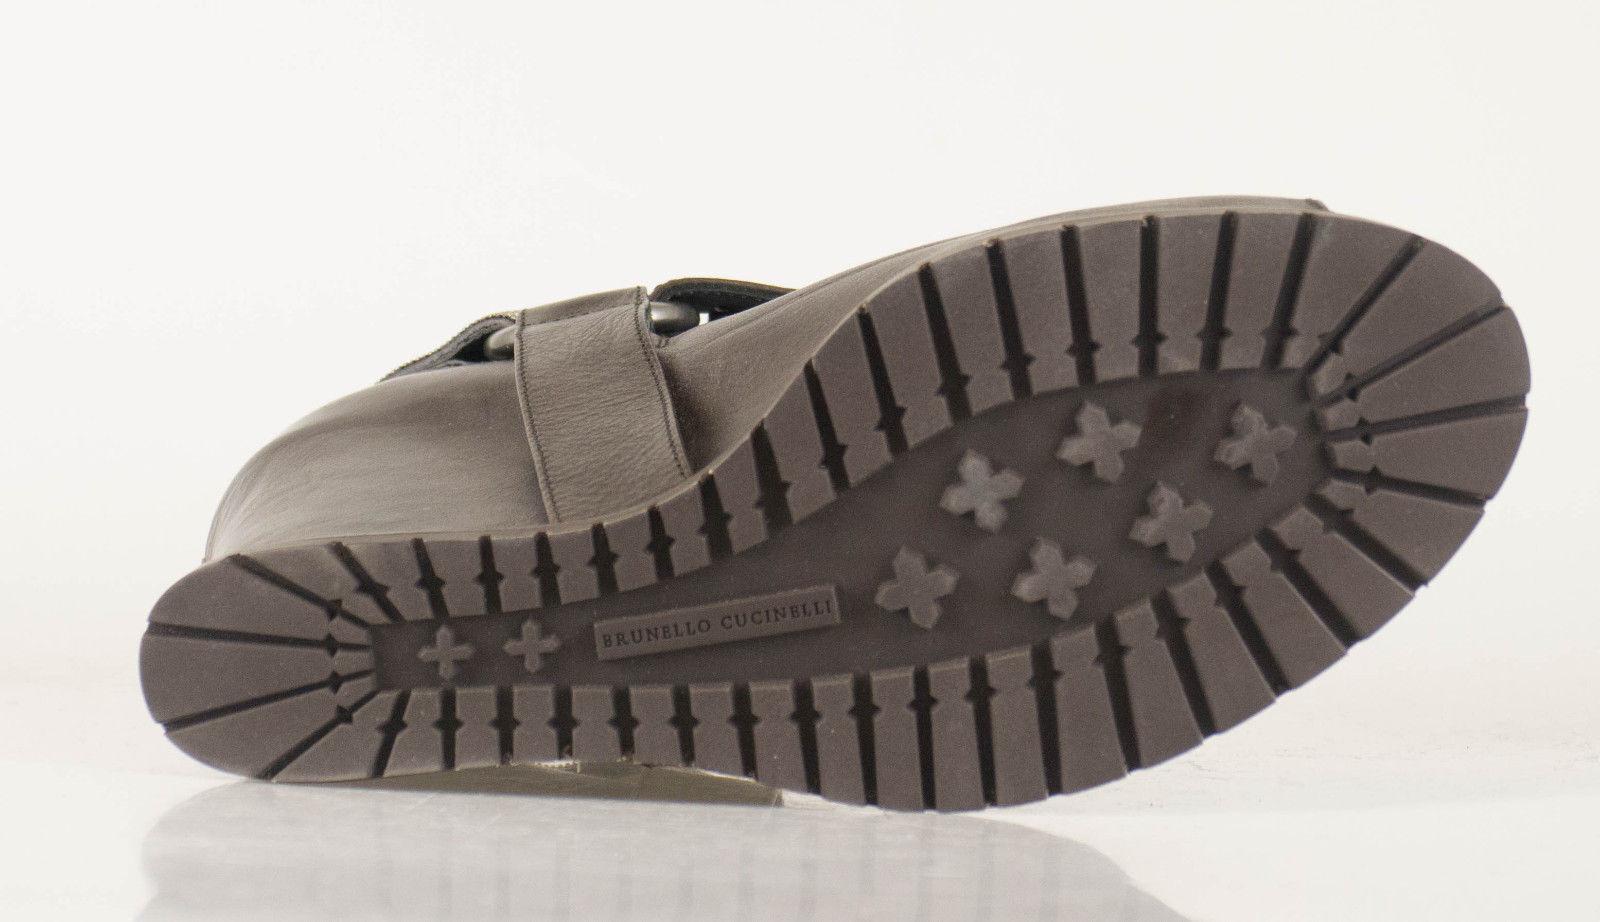 New BRUNELLO CUCINELLI braun Leather Wedge Stiefelies Stiefel schuhe schuhe schuhe 38.5 8.5  2115 12bd25